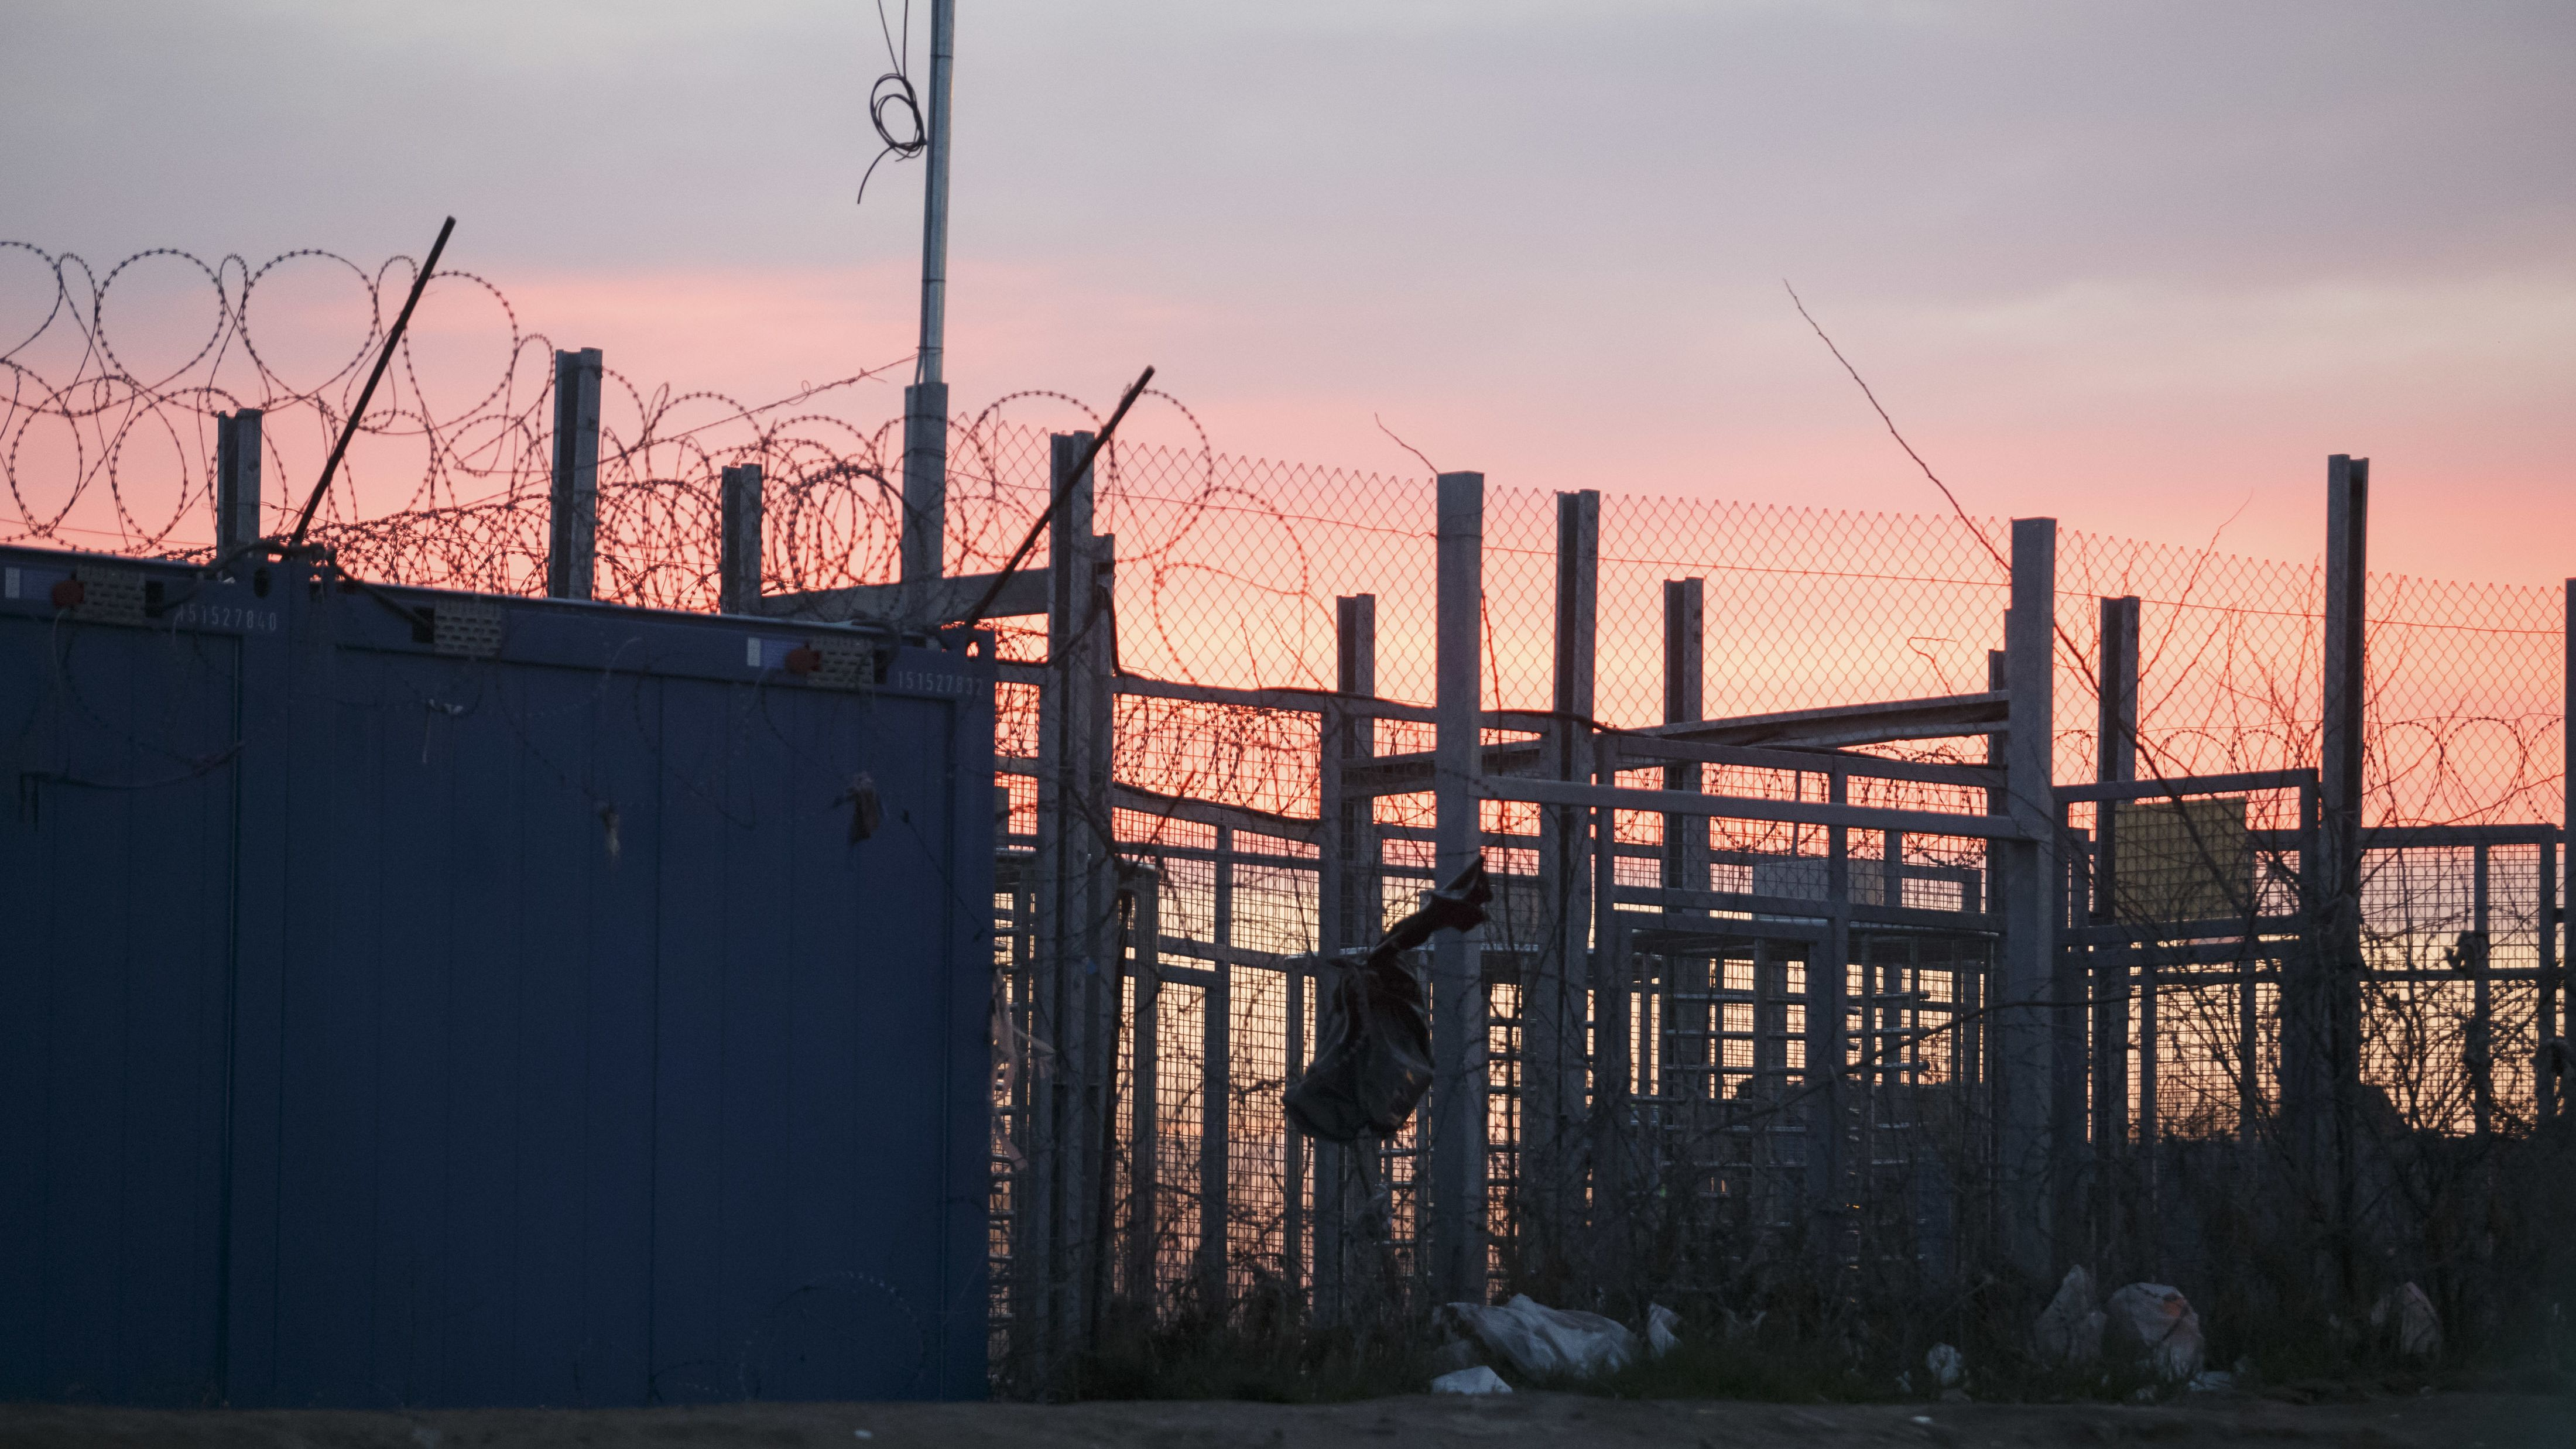 Ein Grenzzaun mit Stacheldraht im Abendlicht